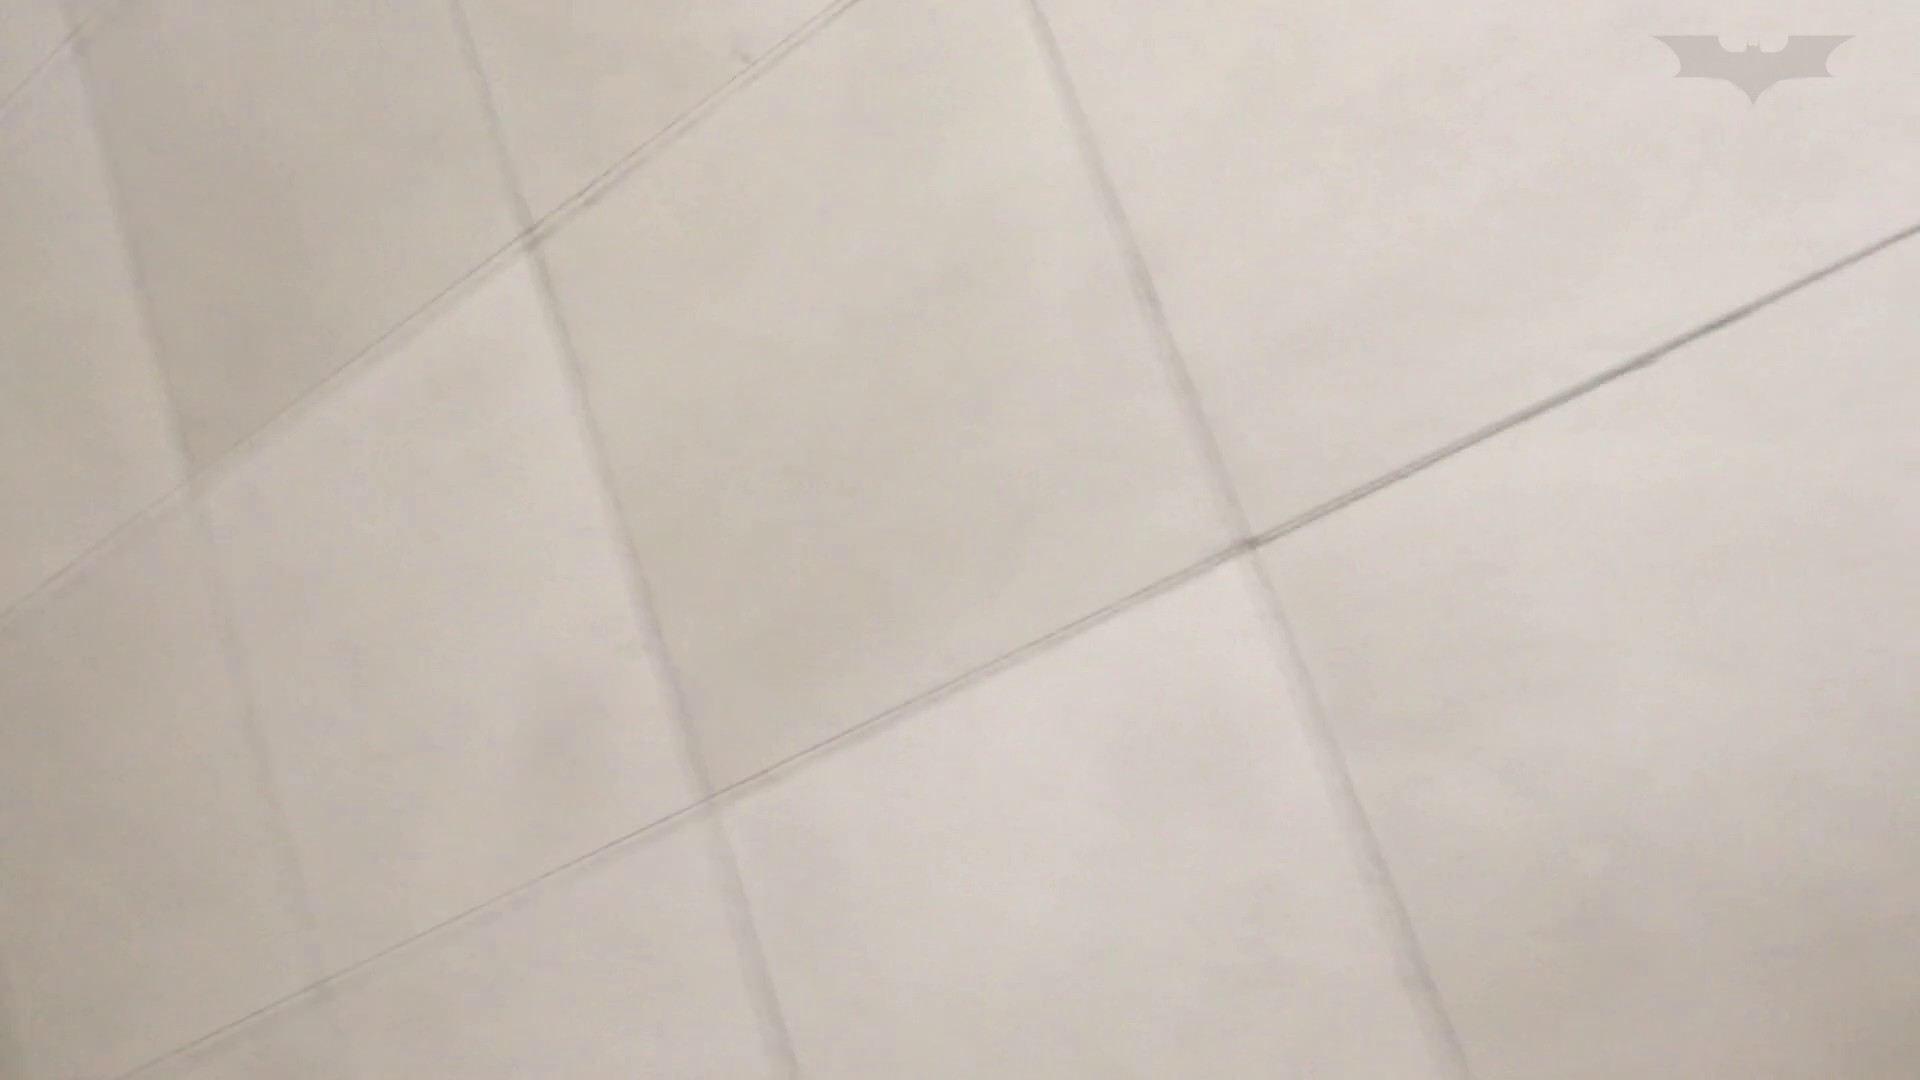 芸術大学ガチ潜入盗撮 JD盗撮 美女の洗面所の秘密 Vol.81 盗撮編 戯れ無修正画像 100枚 8